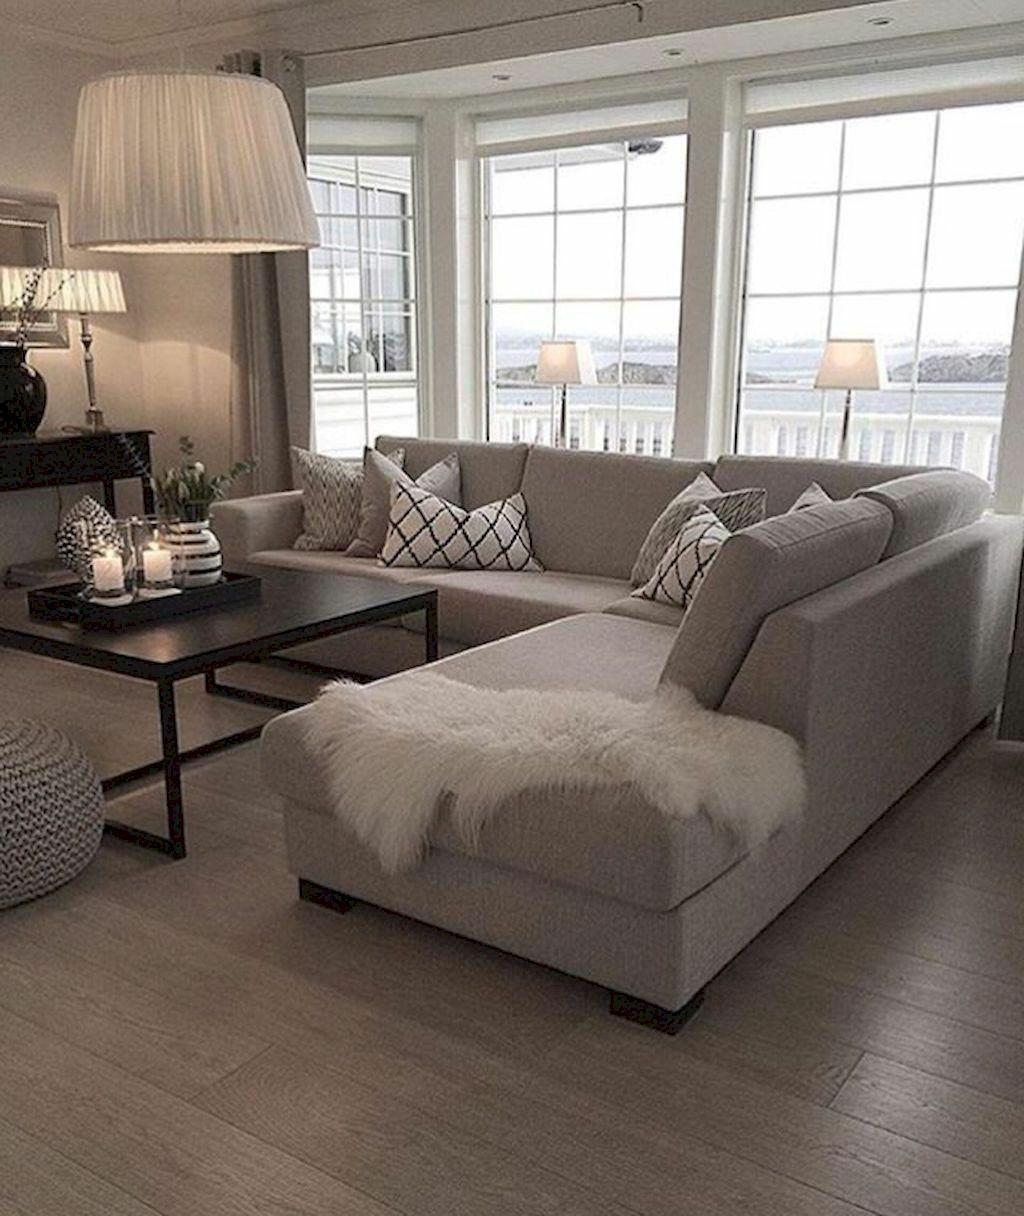 Pin von Jennifer N auf Scandi | Pinterest | Wohnzimmer, moderne ...